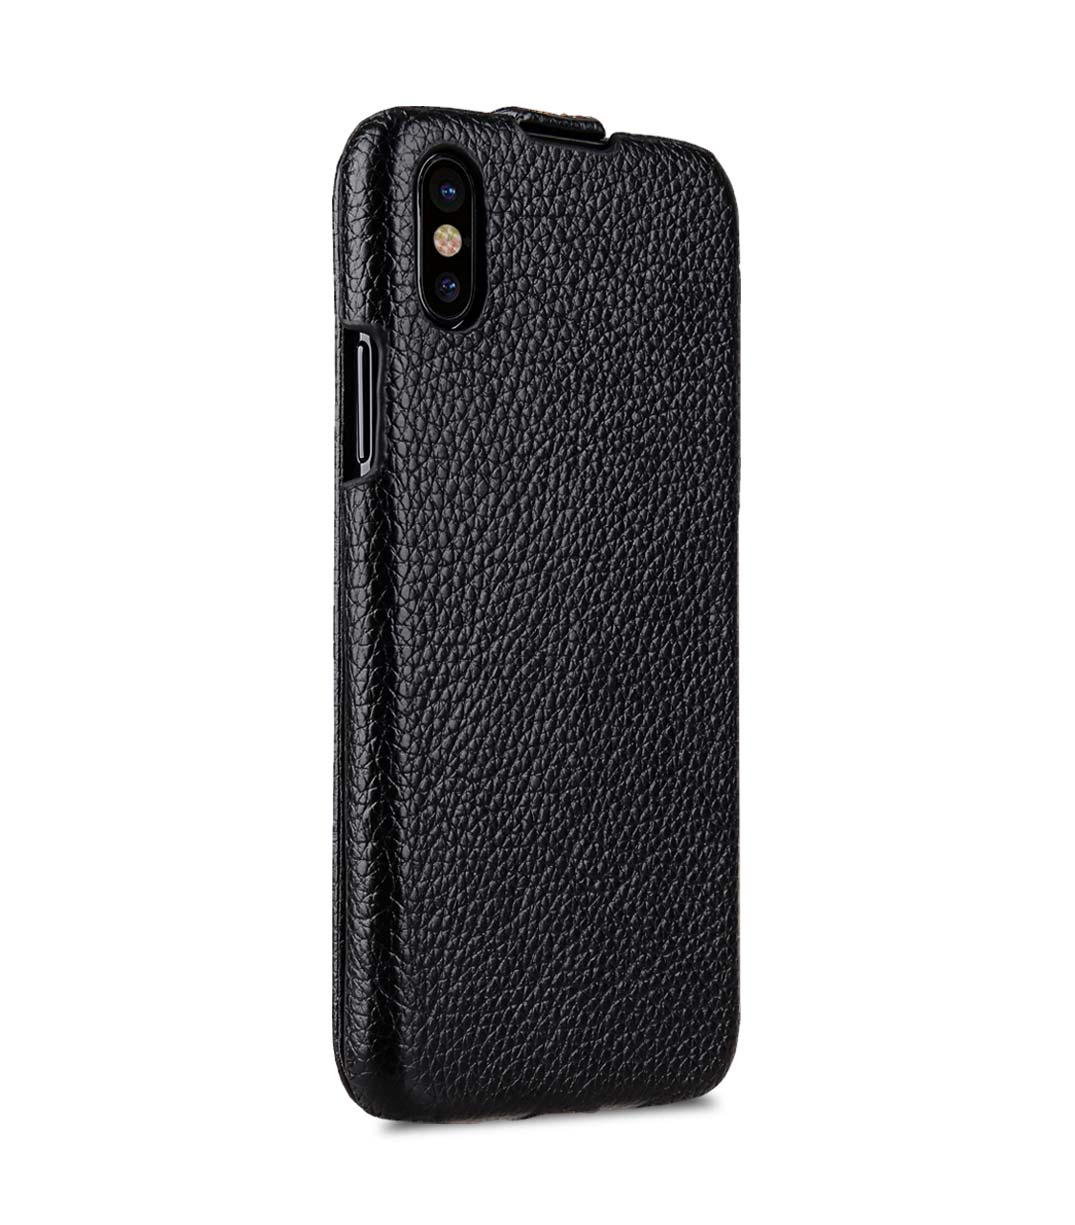 Melkco iPhone X  (2017) レザーケース 本革 プレミアム レザー ハンドメイド フリップタイプ (縦開き) 薄型 軽量【 ブラック LC 】